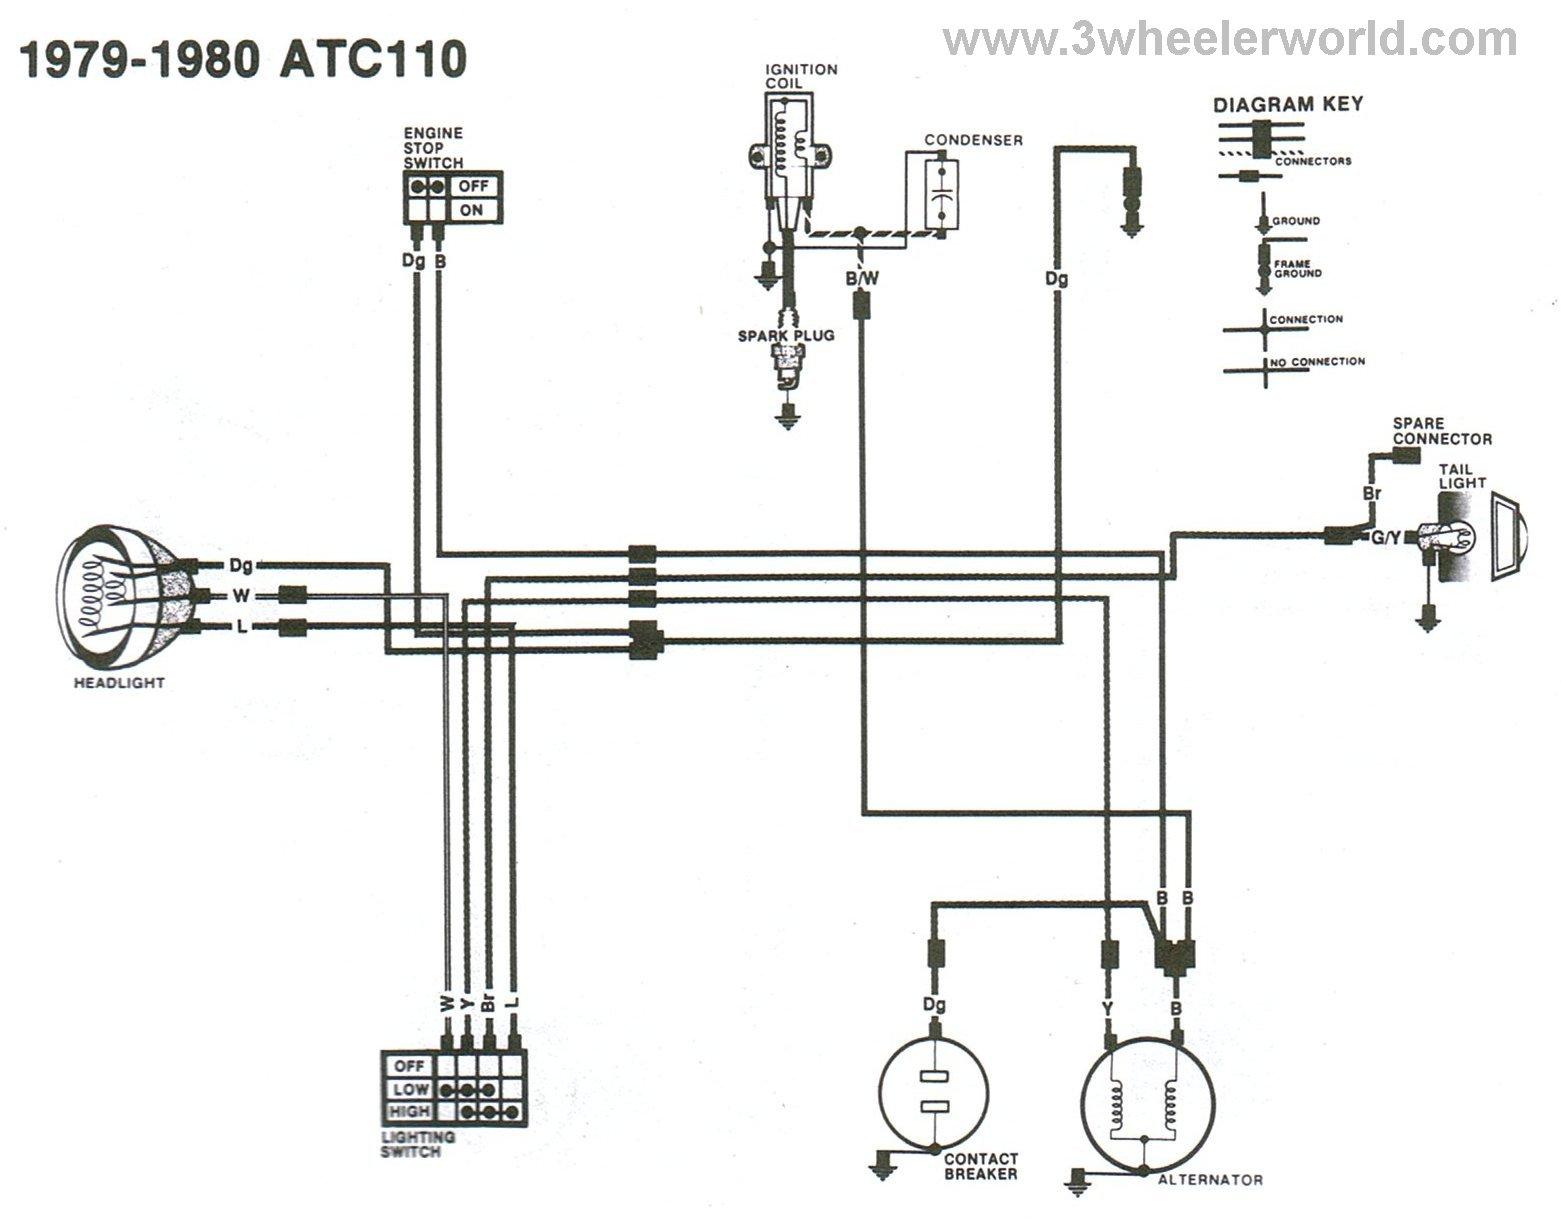 atc 110 5 wire cdi diagram